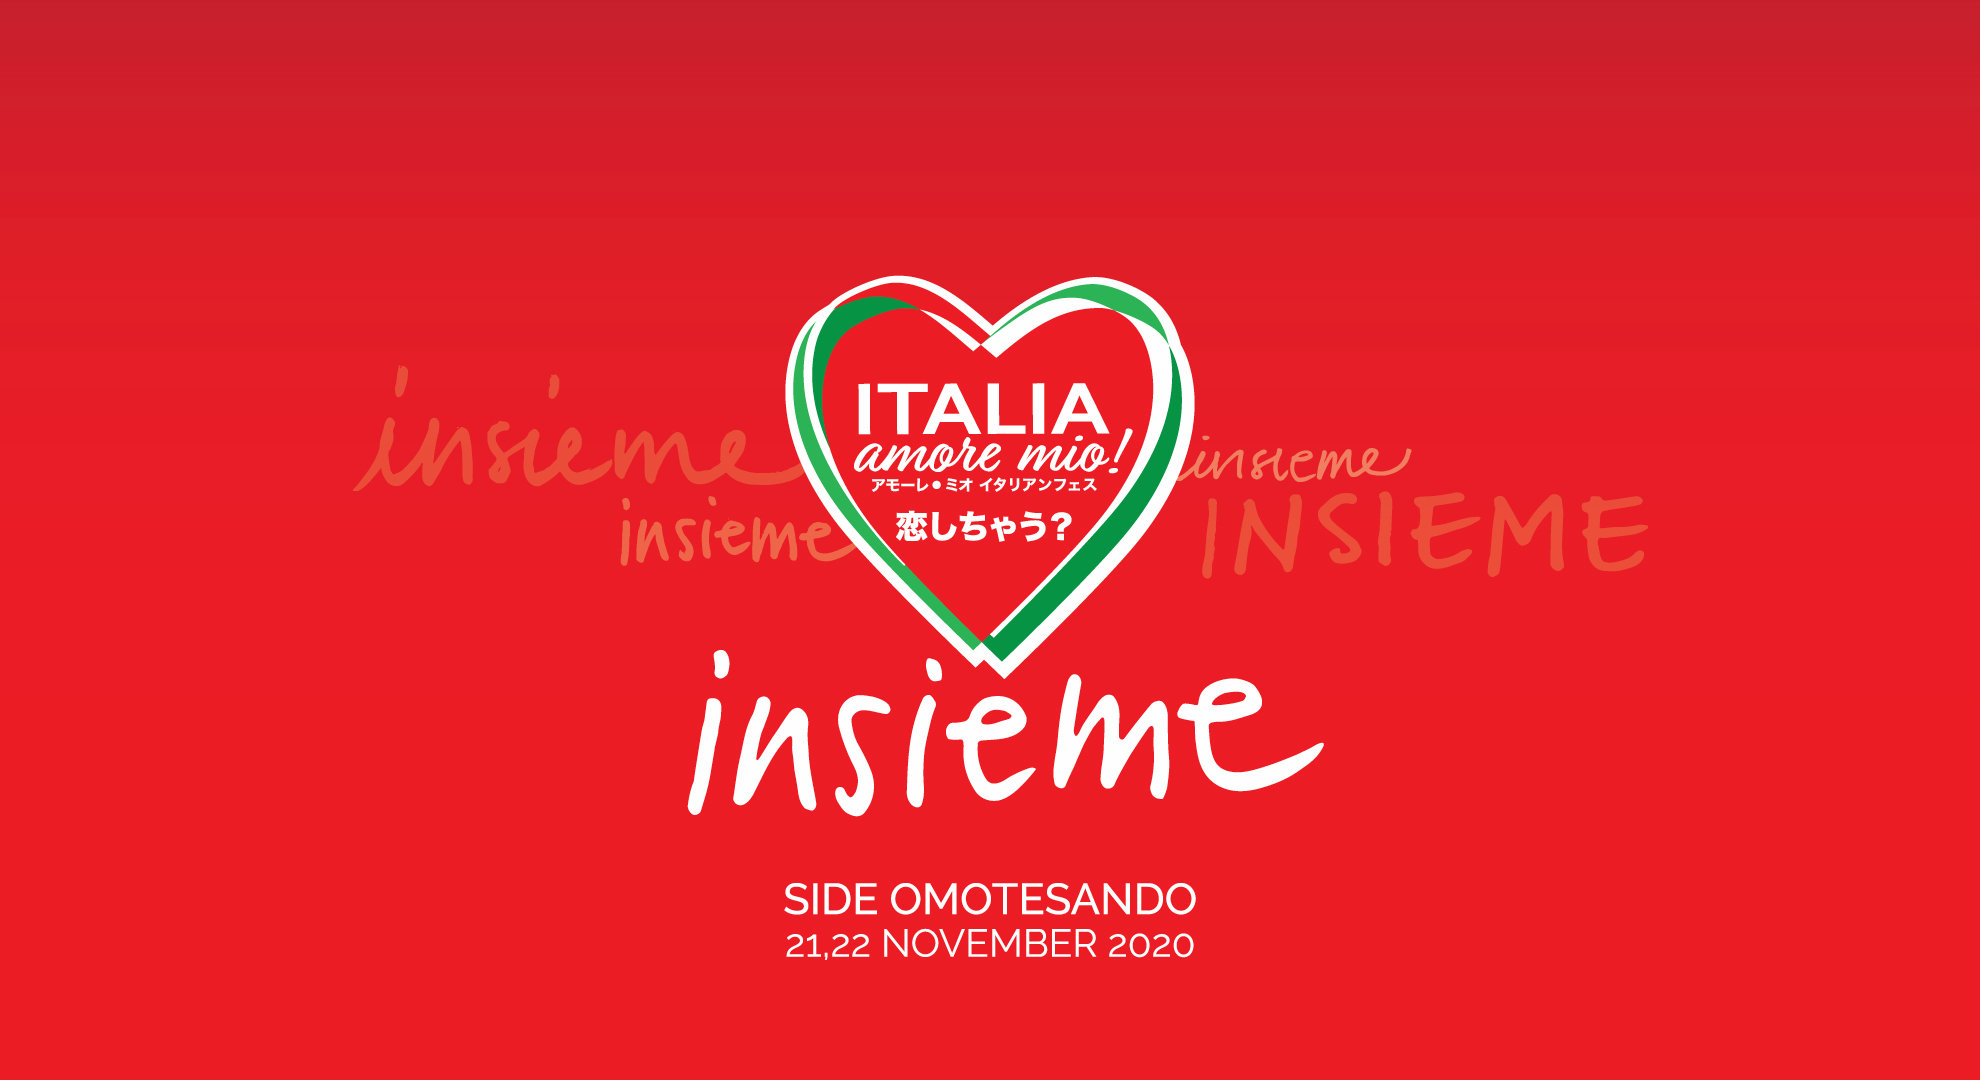 Italia amore mio 2020 banner